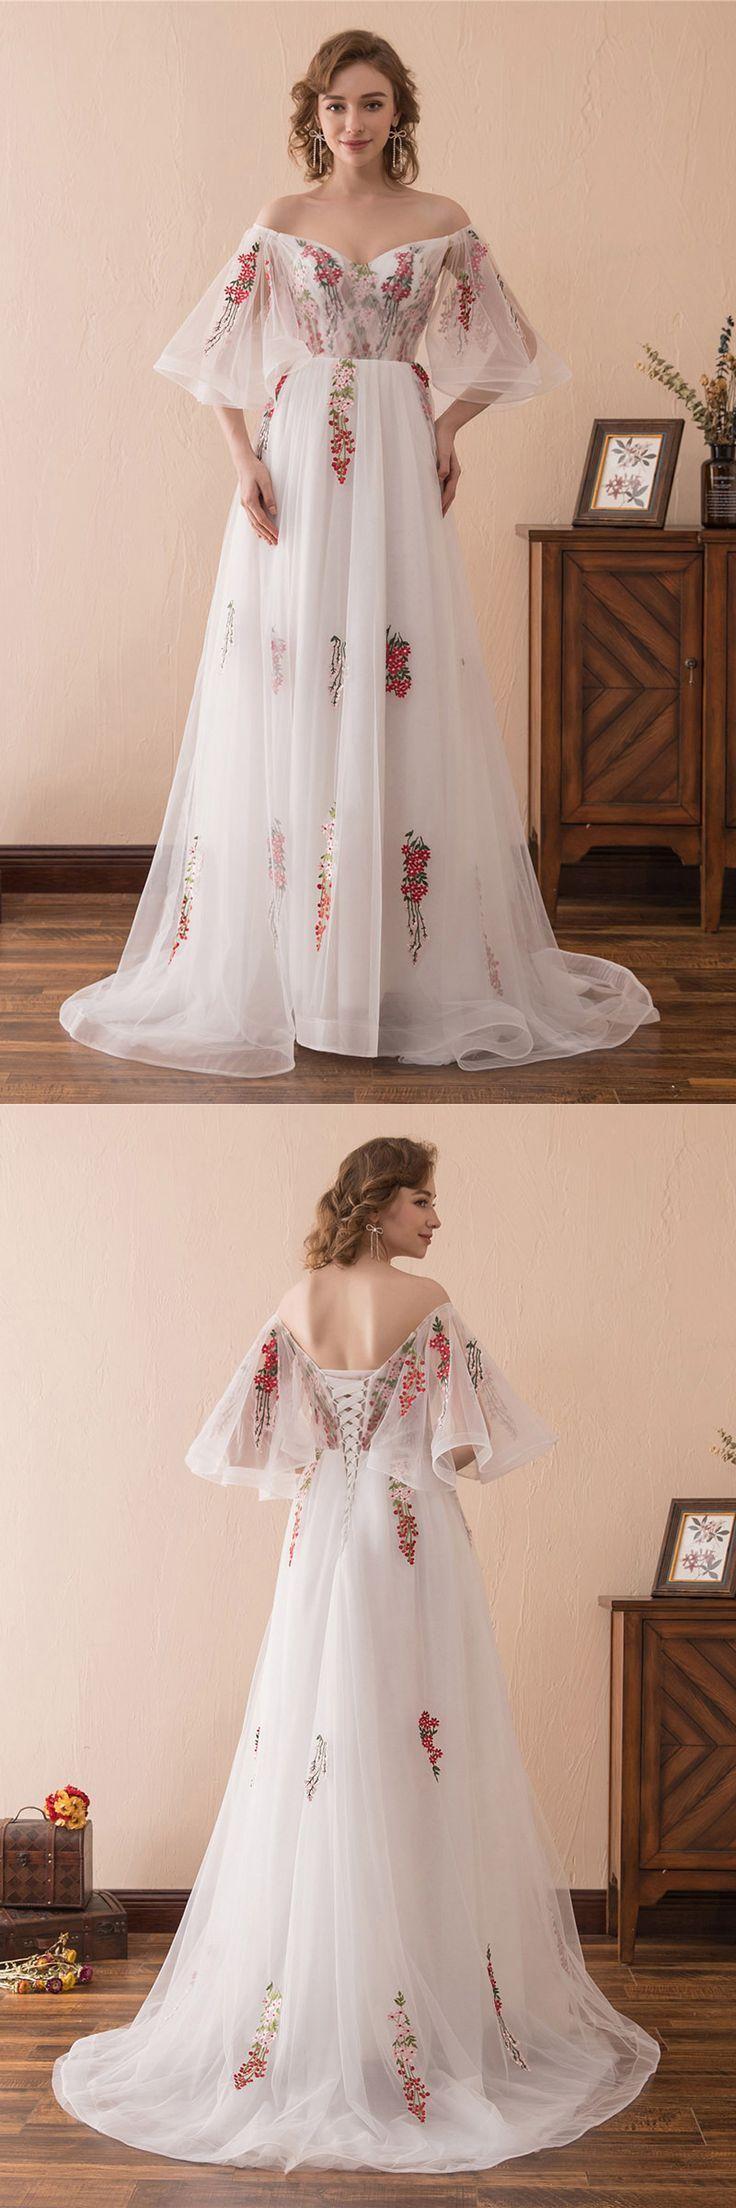 Nur $ 129, Prom Kleider Märchen aus der Schulter Puffy Prom Kleid mit Farbe